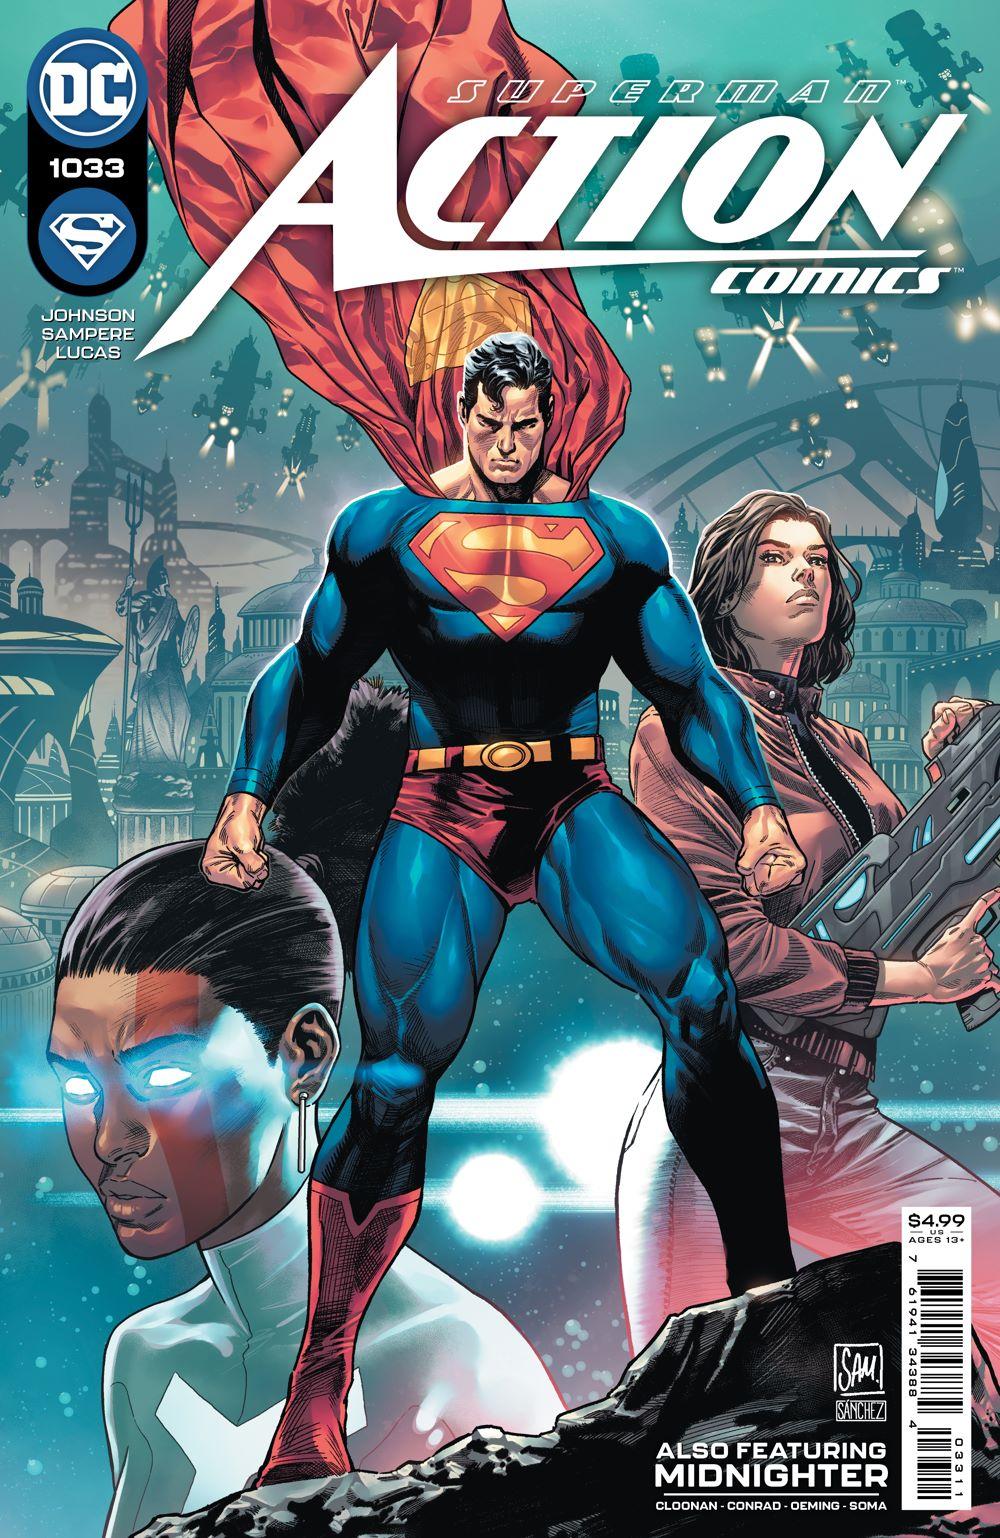 ACTIONCOMICS_Cv1033_NEWLOGO DC Comics July 2021 Solicitations